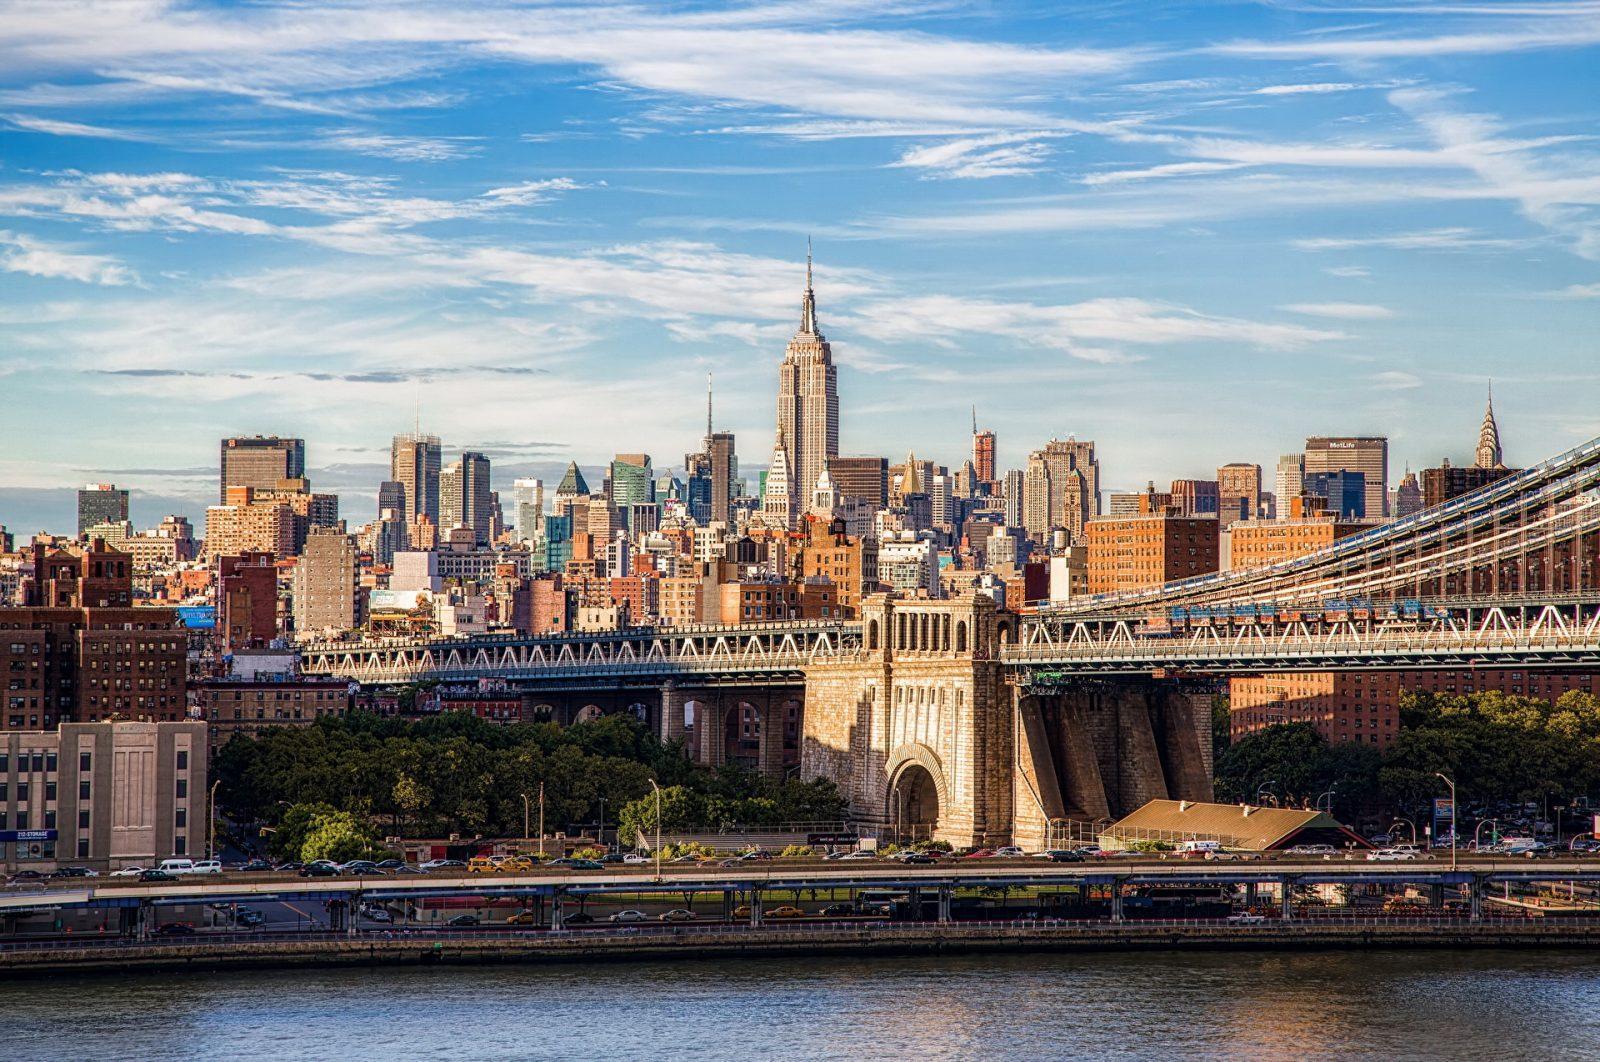 Что посмотреть в Нью-Йорке? Достопримечательности, районы и интересные места города